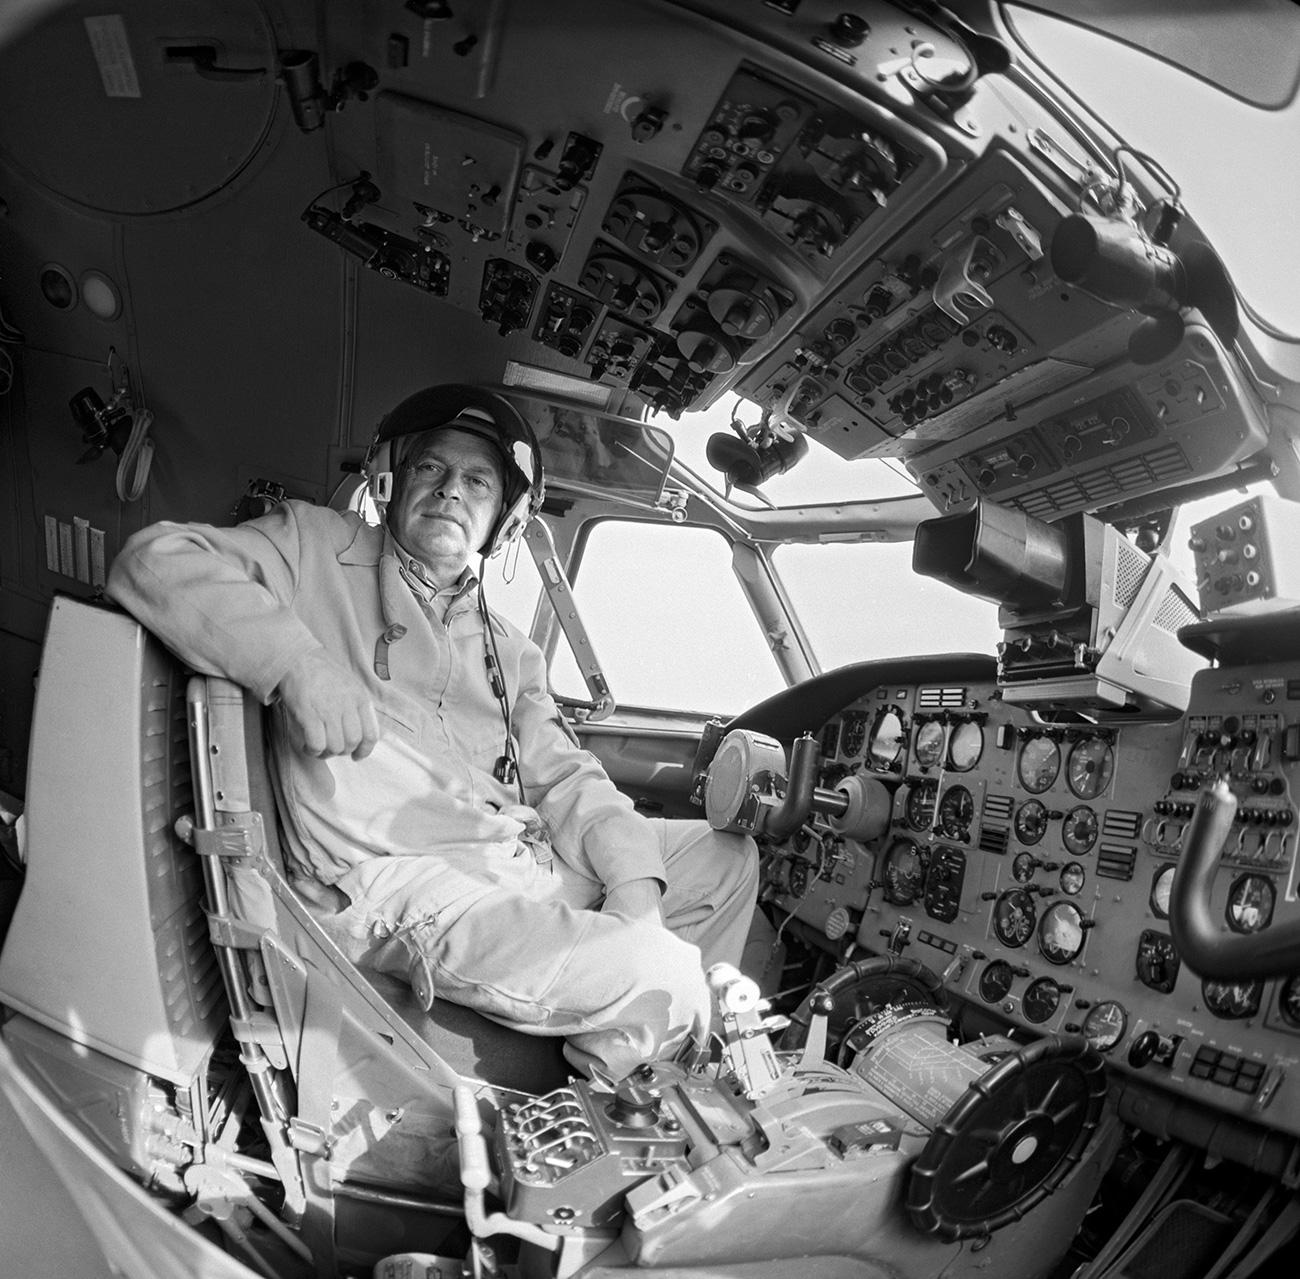 テストパイロット ウラジーミル・トゥカチェンコ、1986年=ヴァディム・デニーソフ/ロシア通信